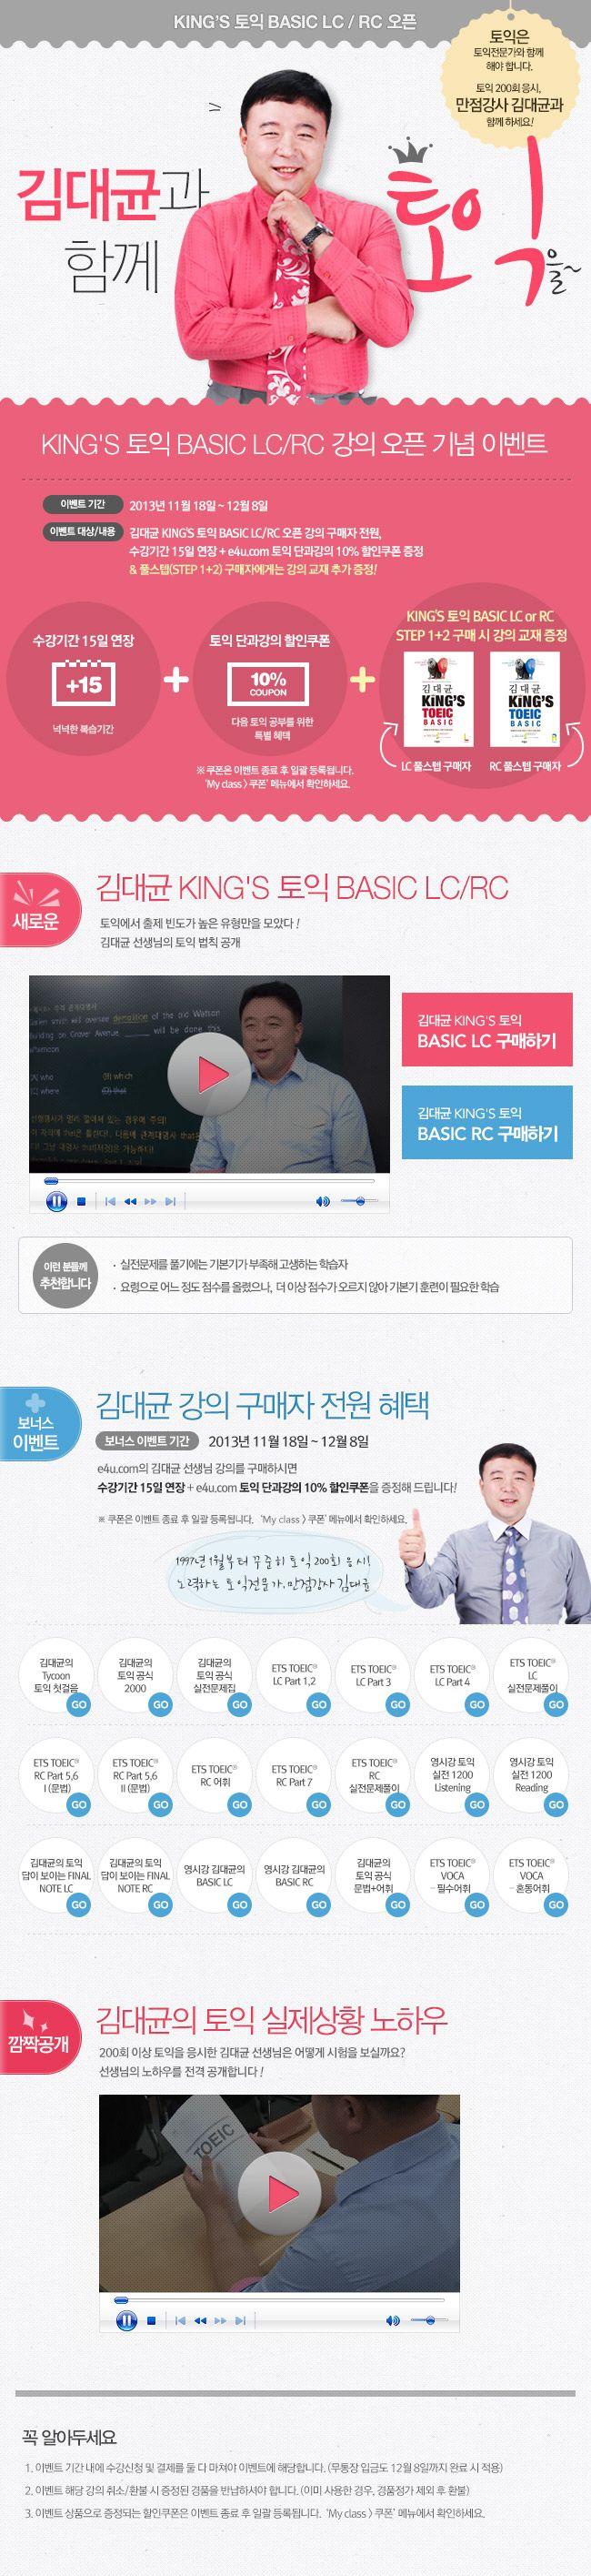 [e4u] 김대균 KING'S 토익 BASIC LC/RC 오픈 기획전 (이경선)